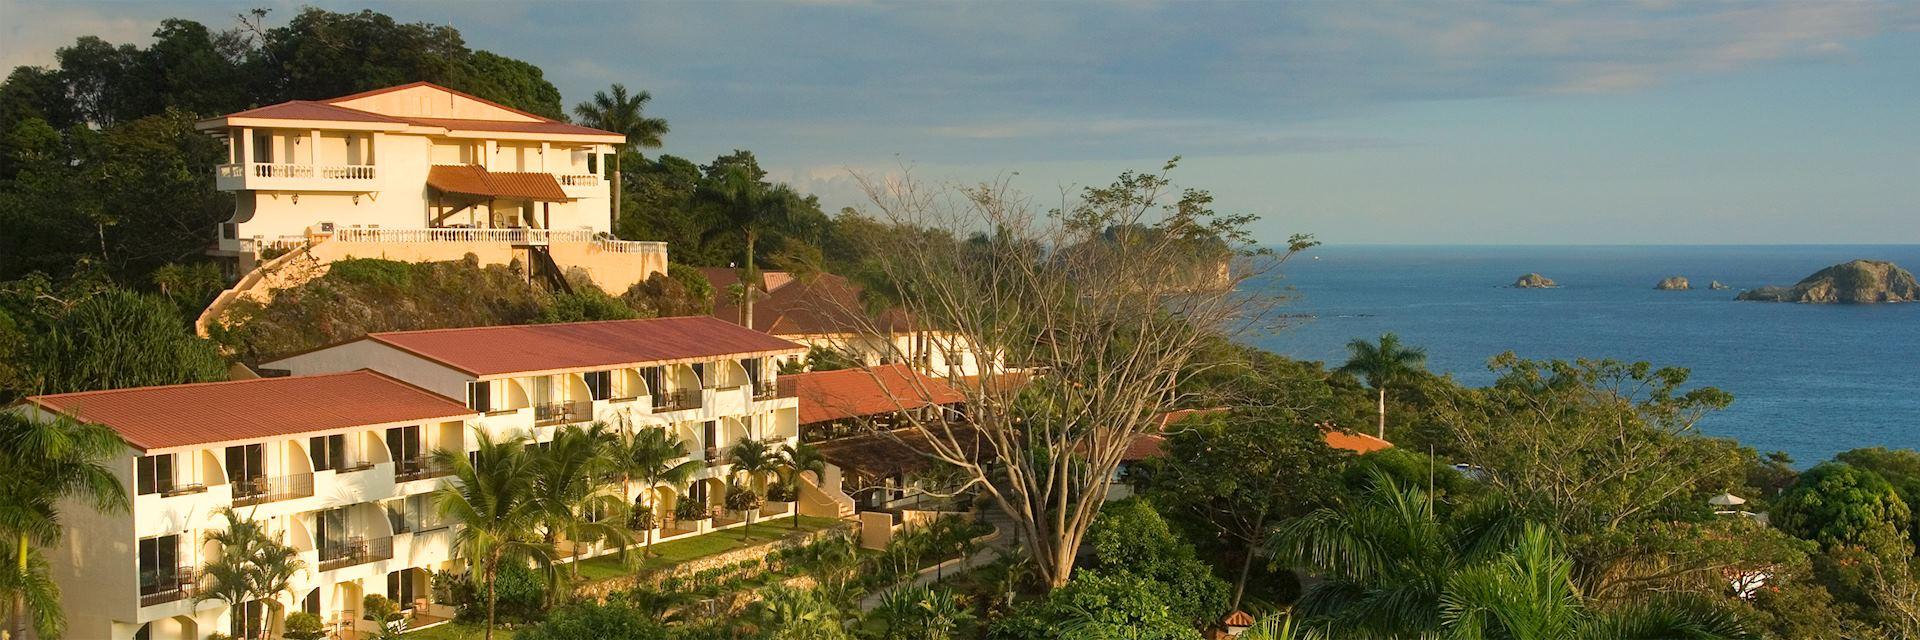 Hotel Parador, Manuel Antonio